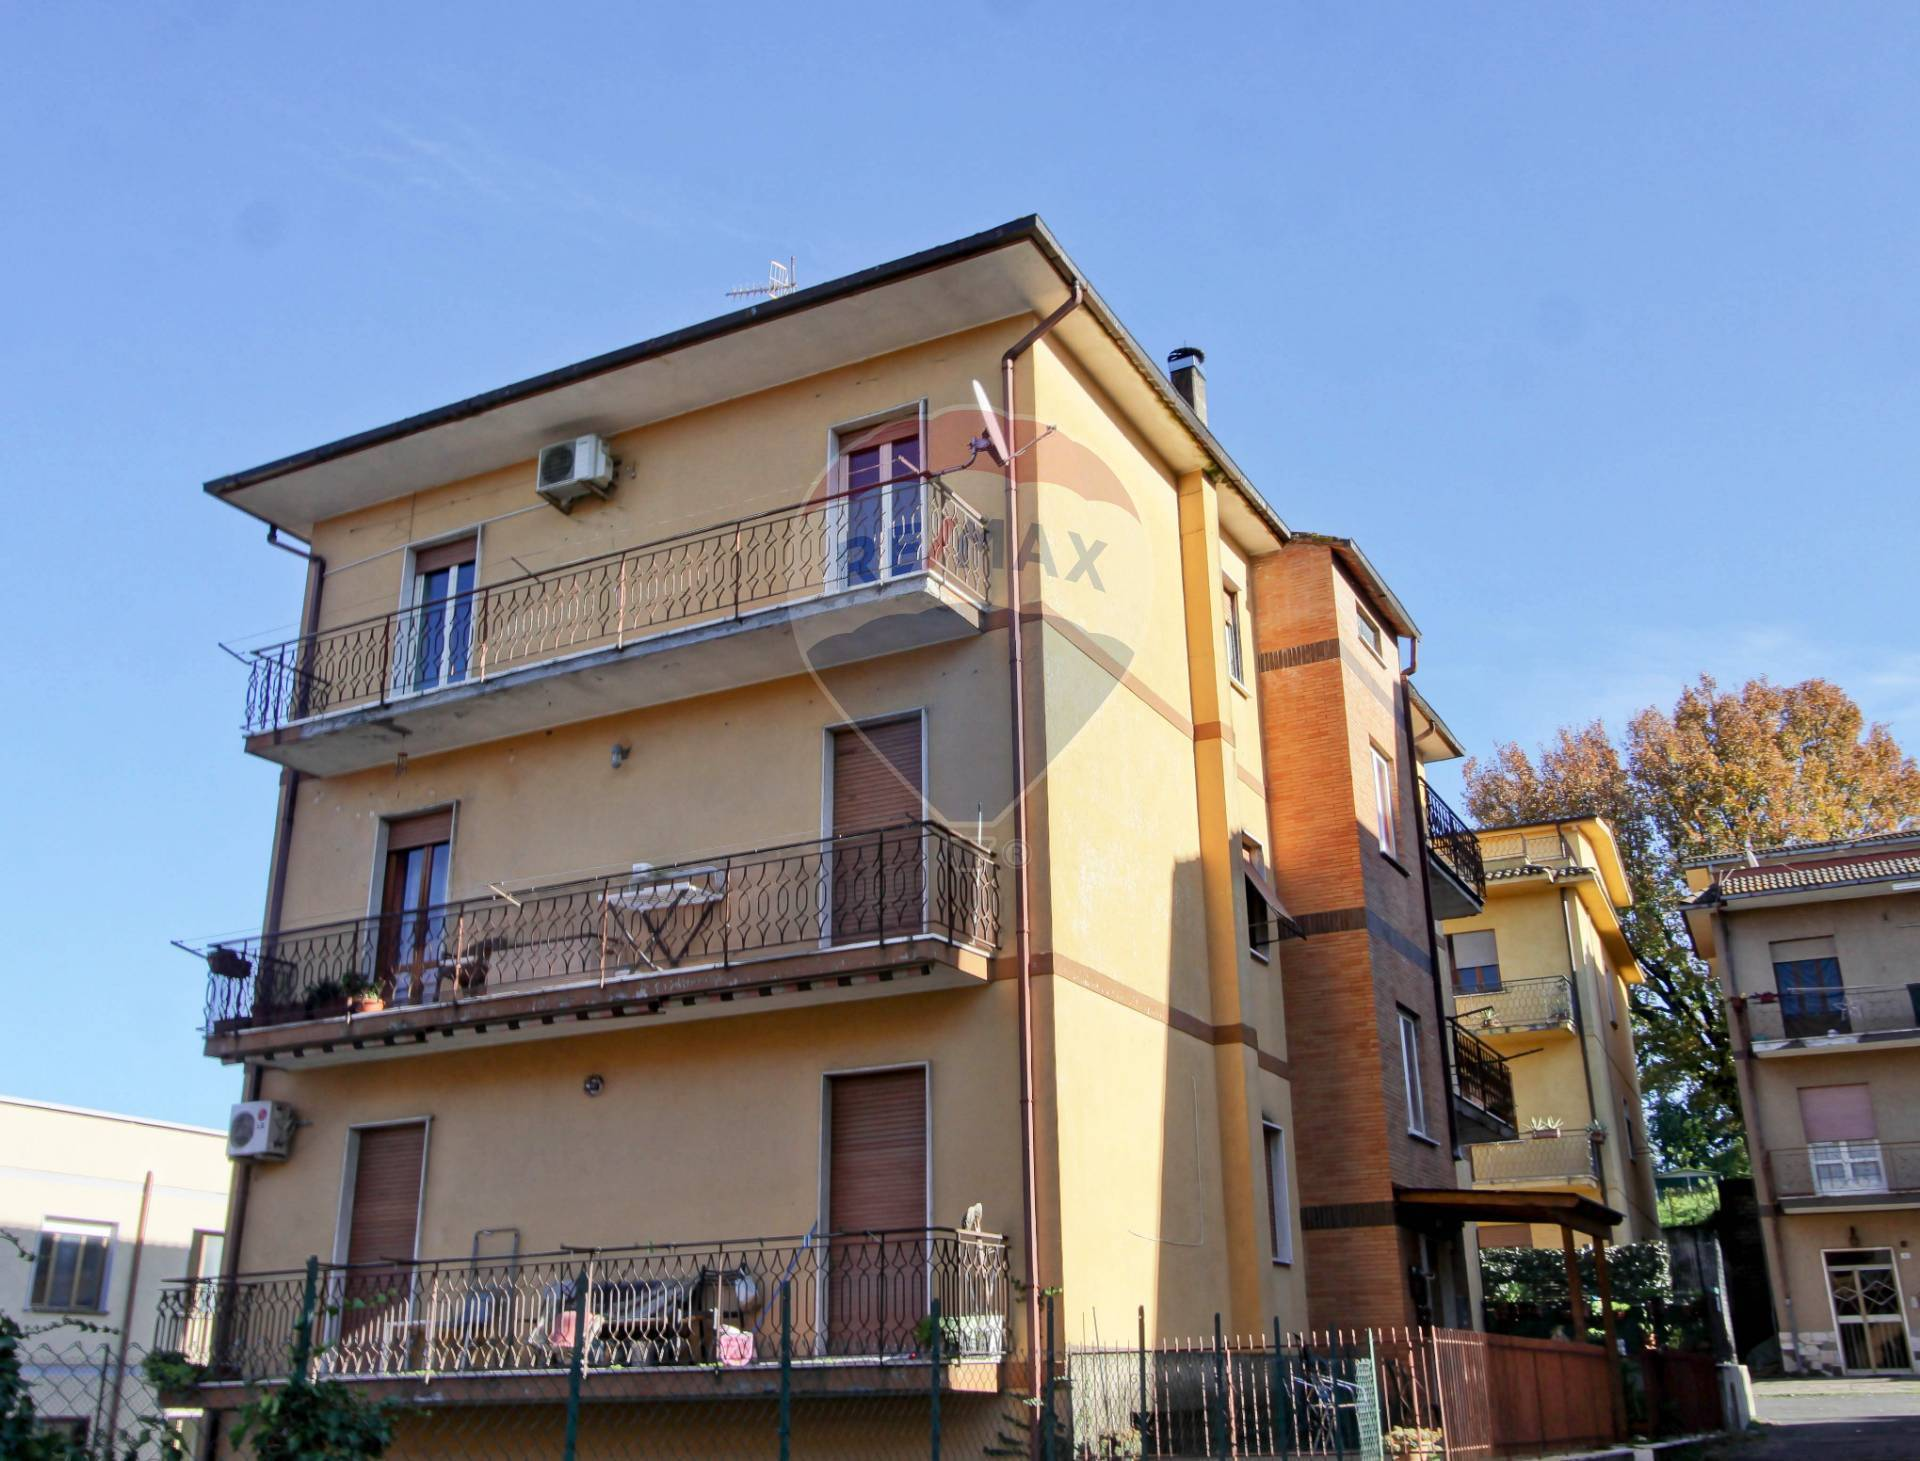 Appartamento in vendita a Magliano Romano, 4 locali, prezzo € 89.000 | CambioCasa.it